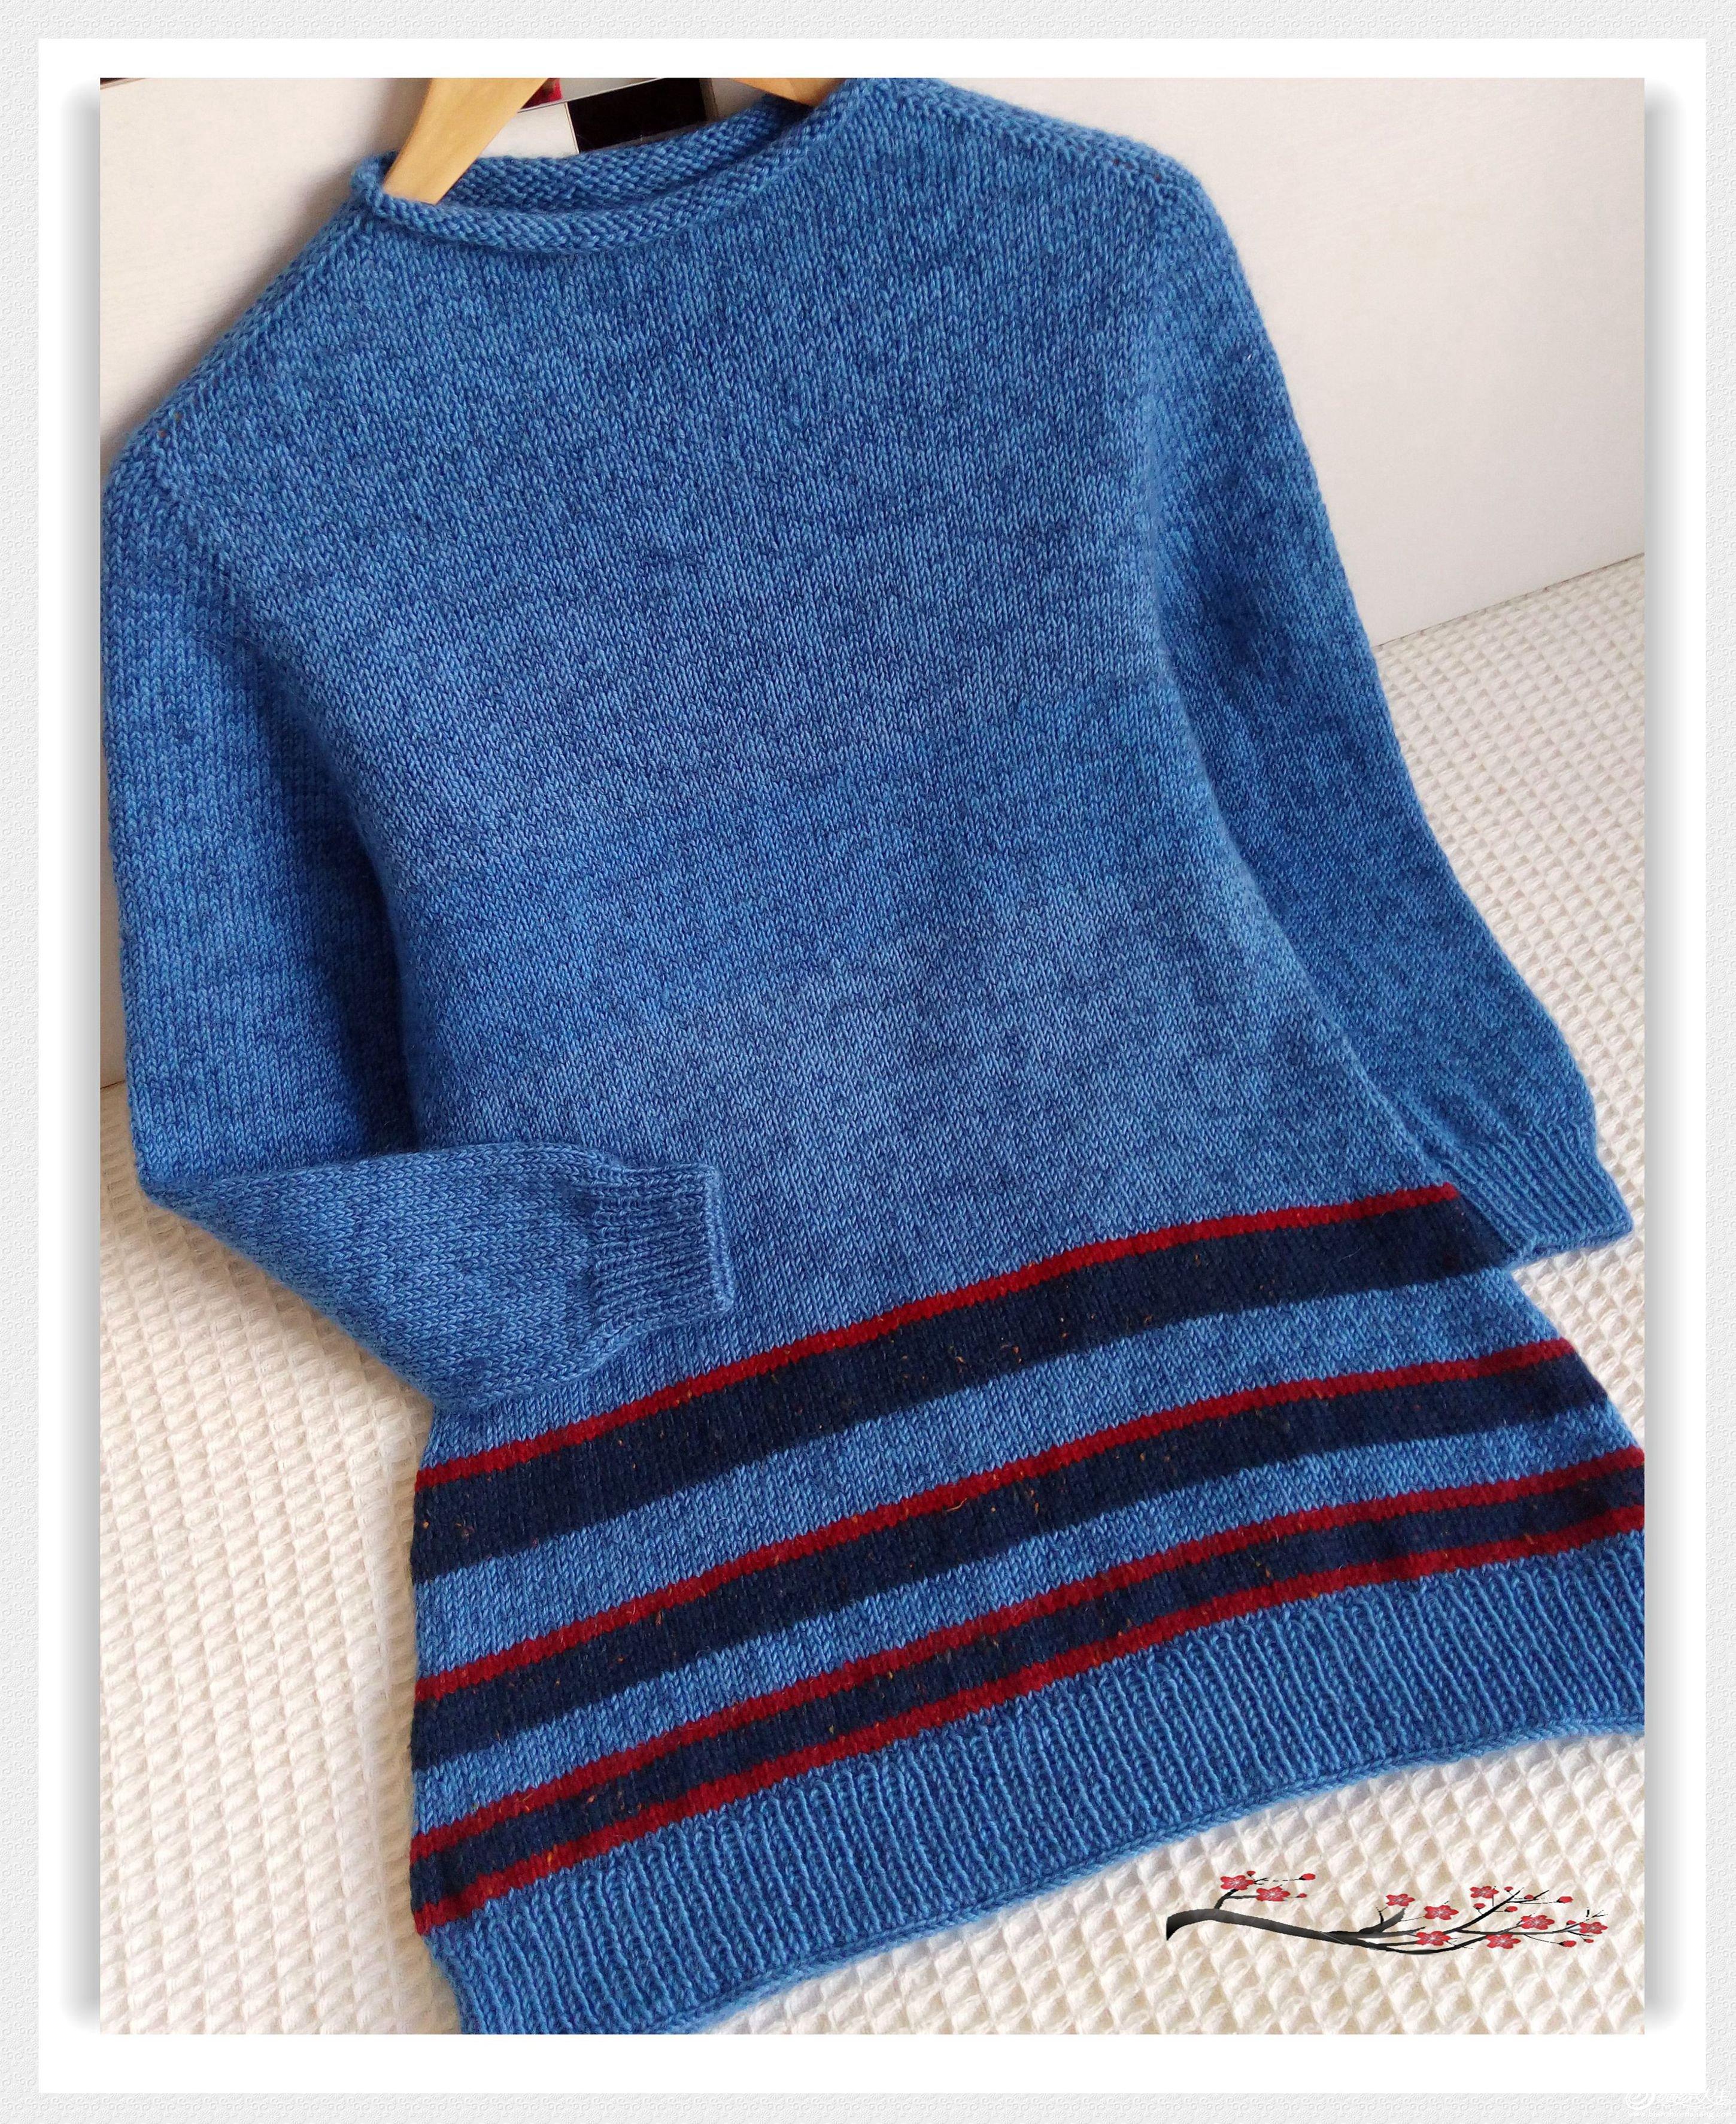 自带袖毛衣款式